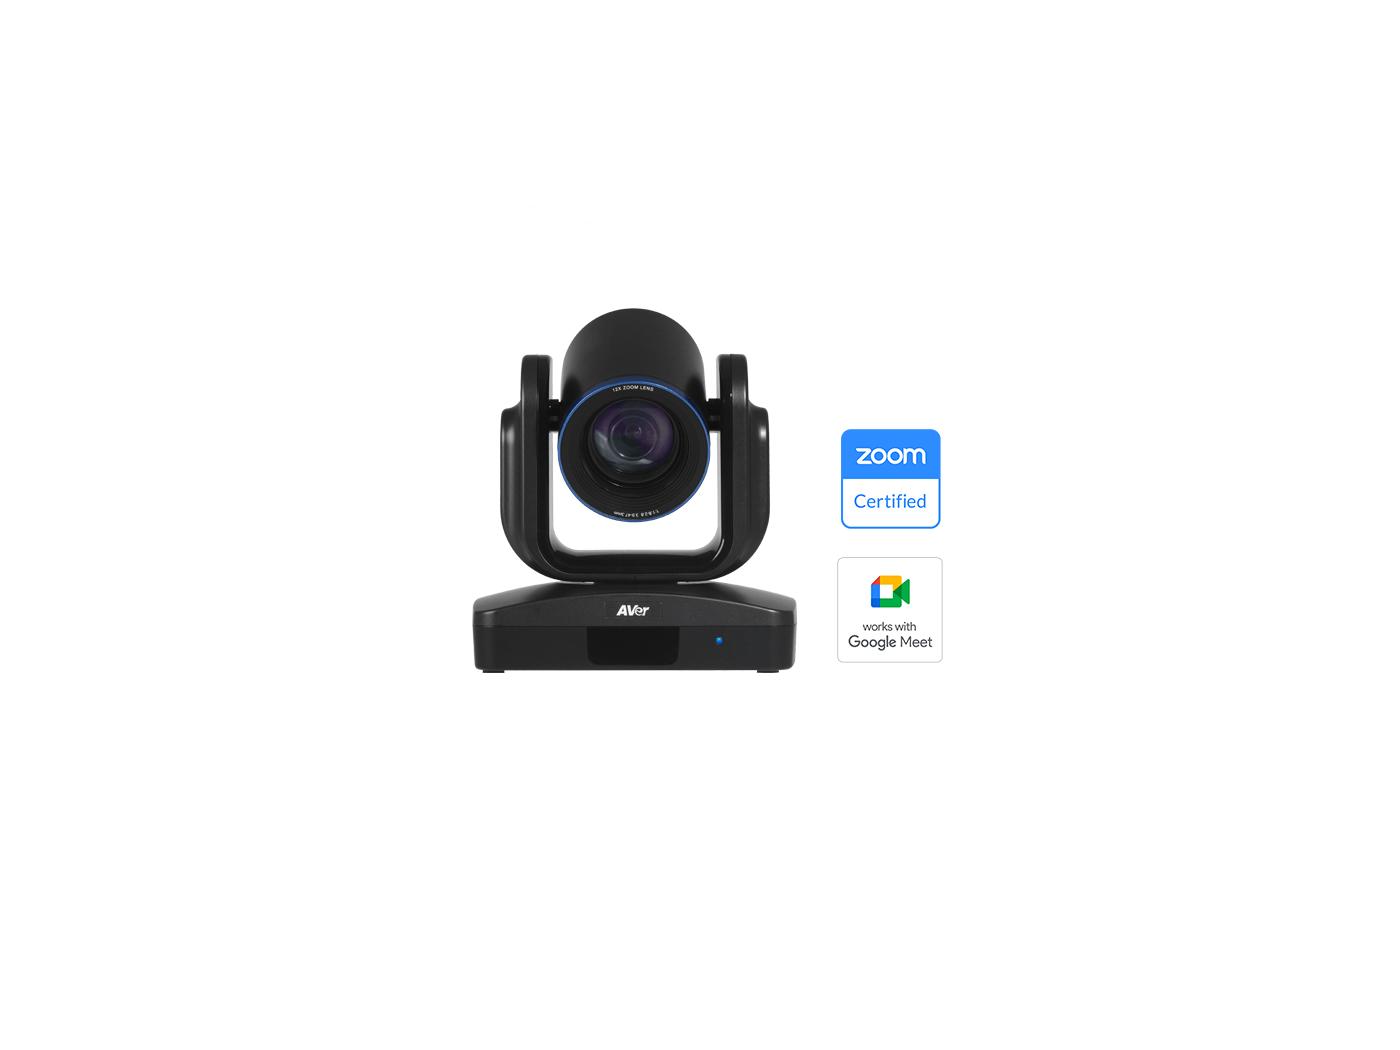 Aver videokonferencia kamera, aver cam520